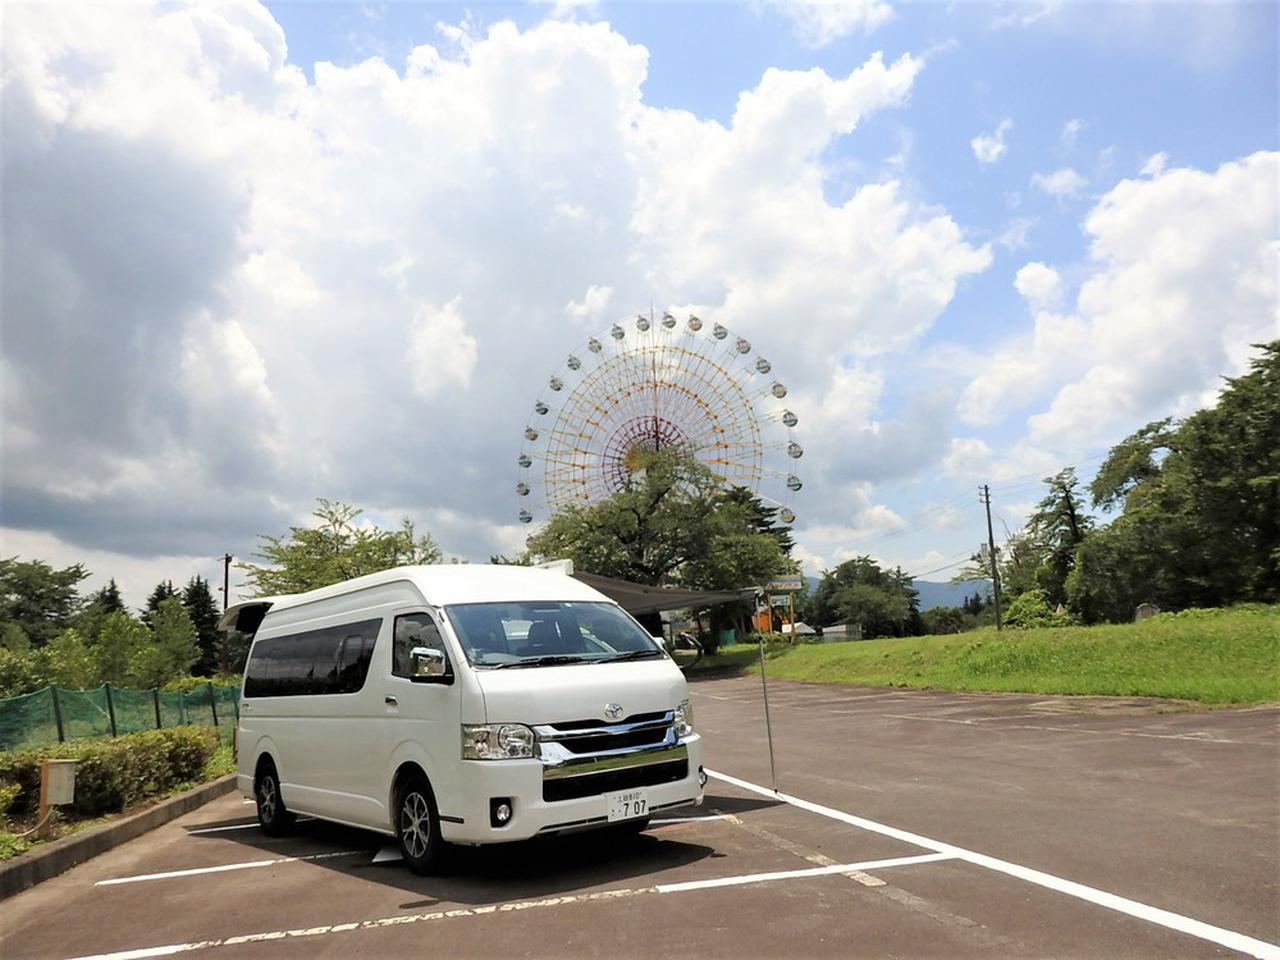 画像: RVパーク施設情報|妙高サンシャインRVパーク(新潟県)|くるま旅サイト